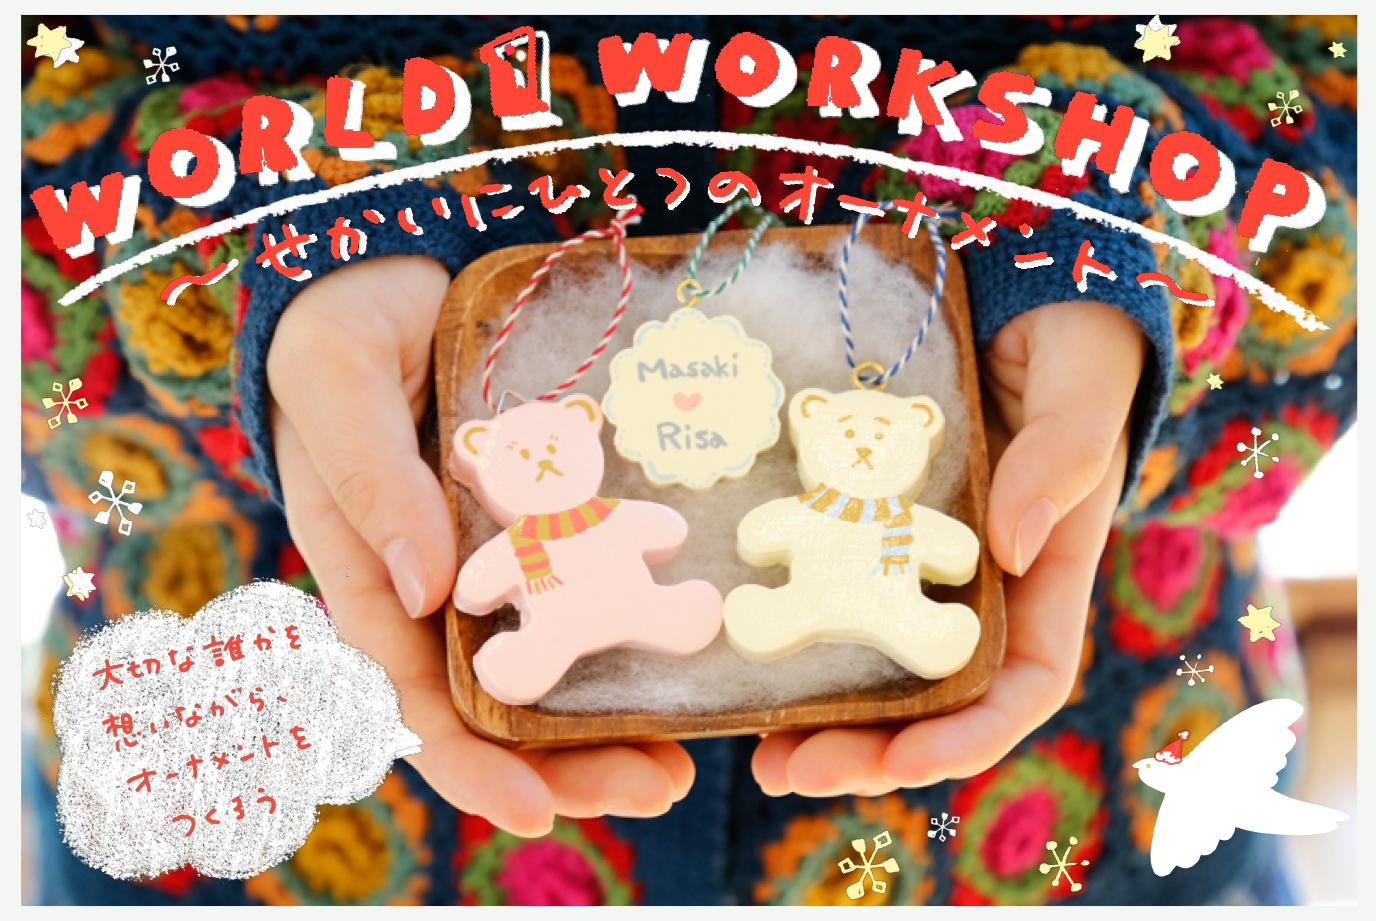 【イベント】WORLD1 WORKSHOP vol.2